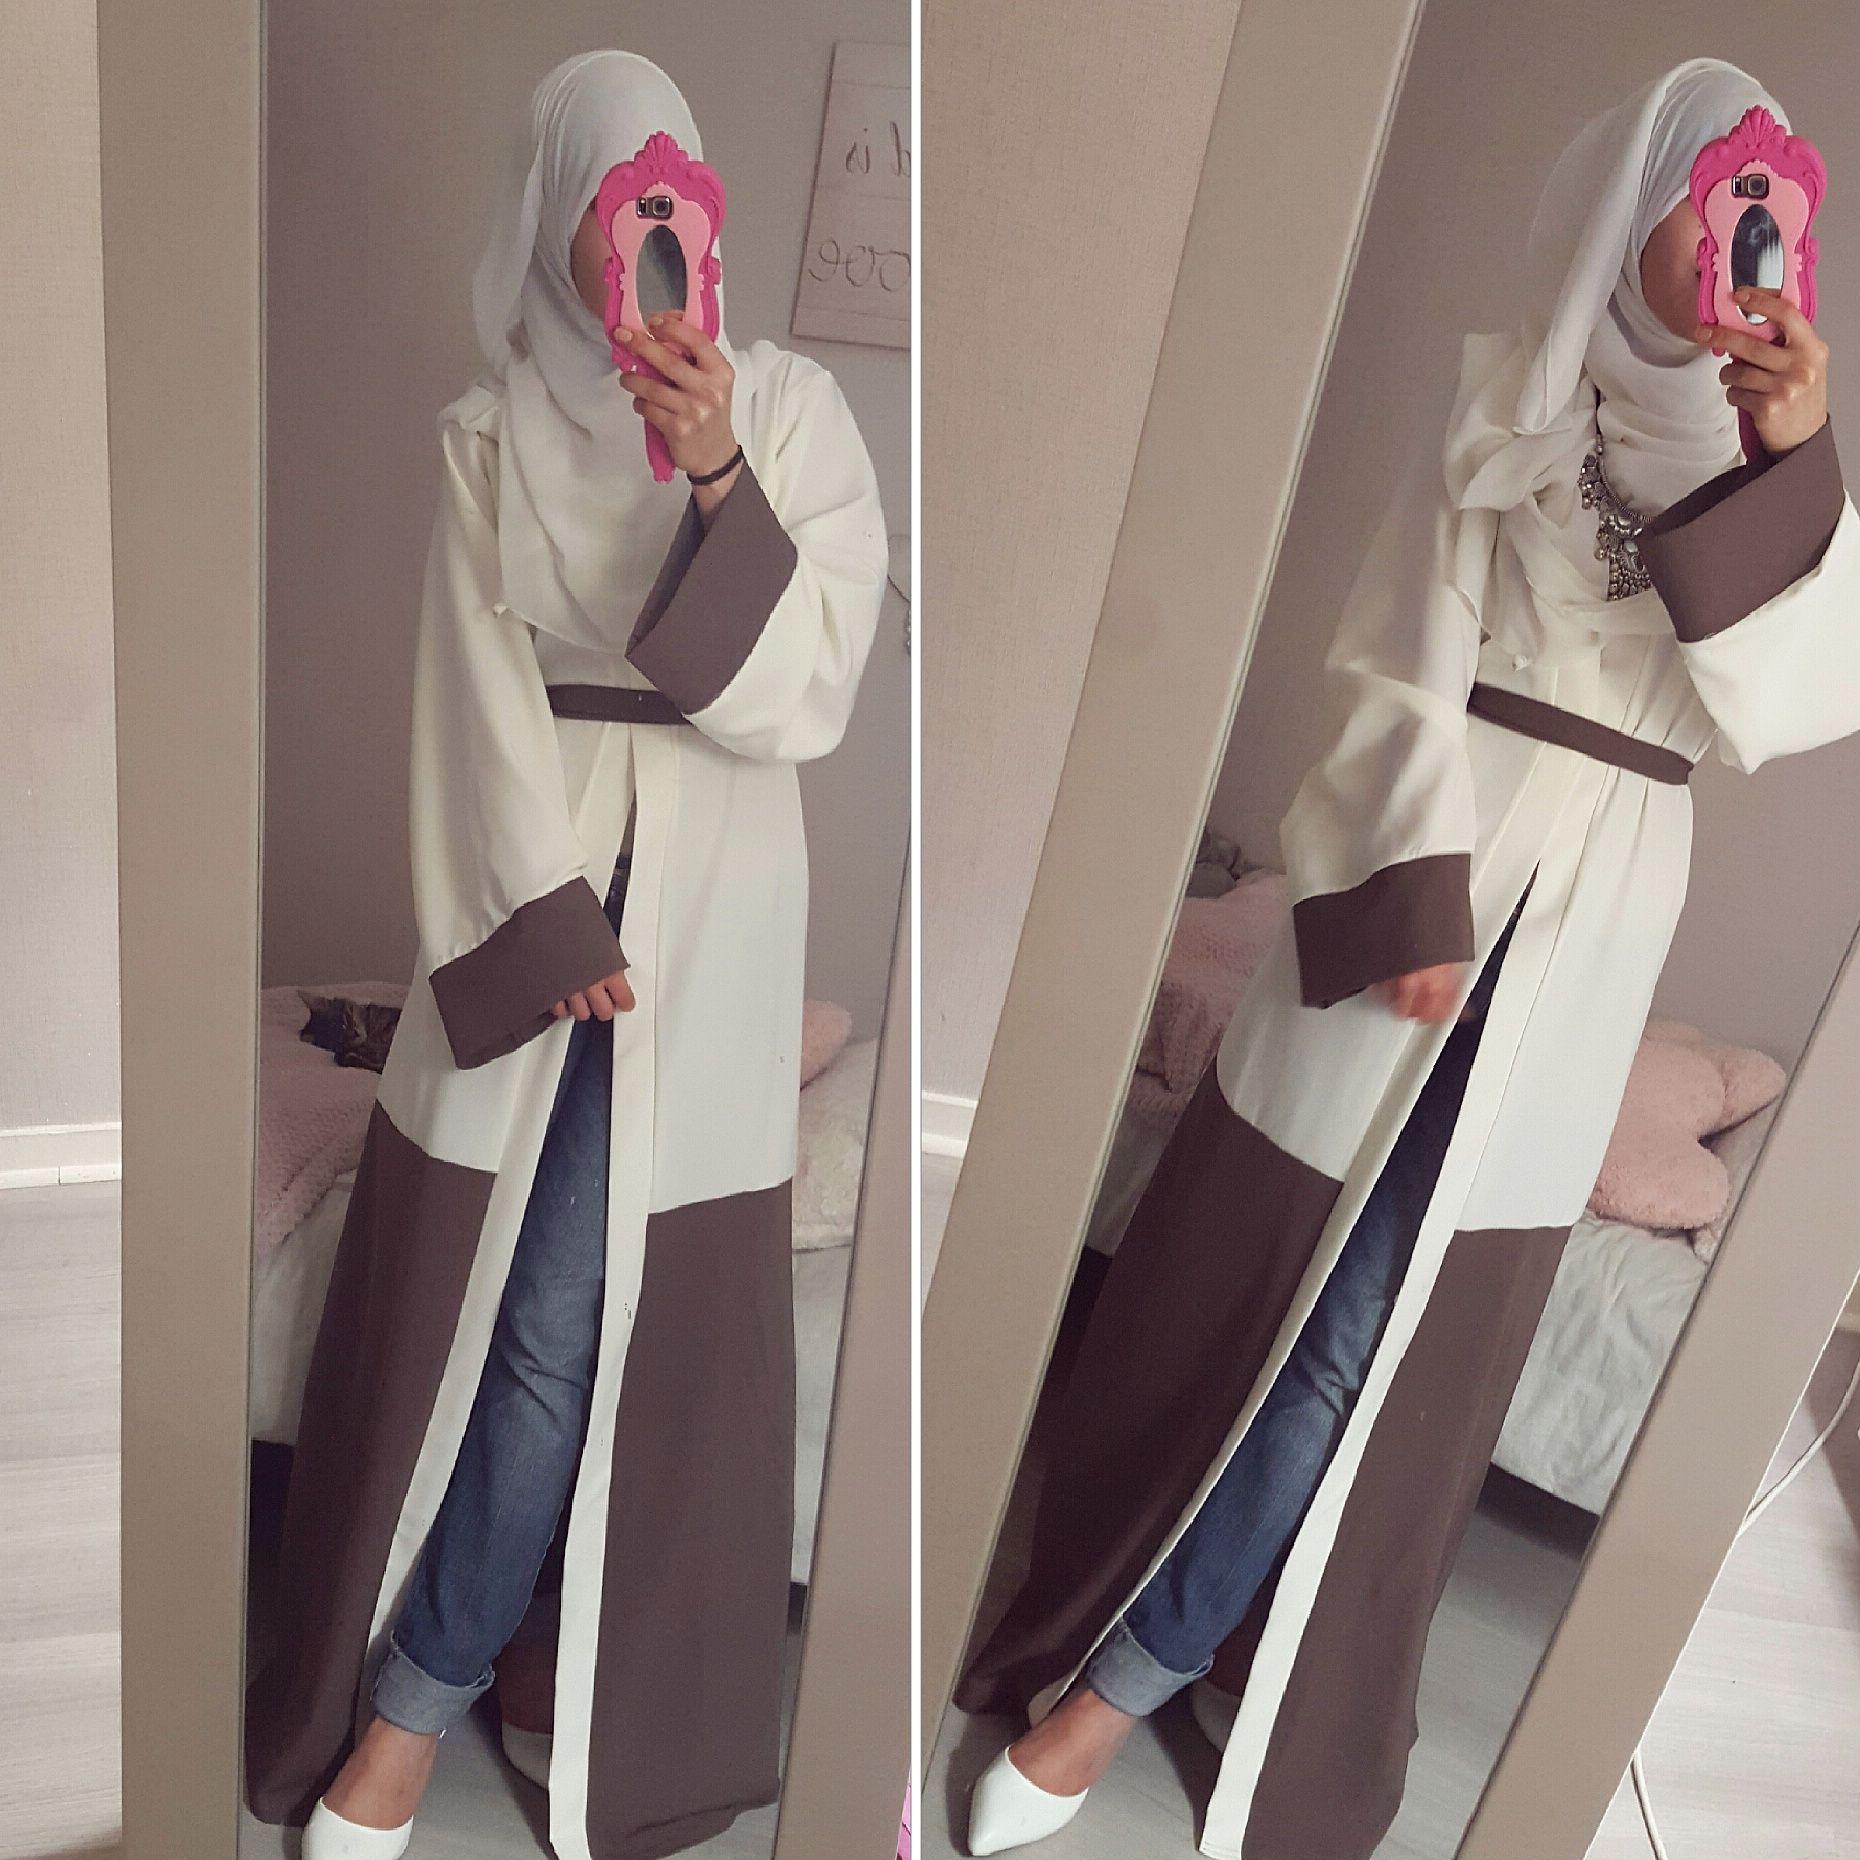 Prêtàporter Pour Femme Musulmane Boutique De Vêtements Islamique - Pret a porter femme musulmane